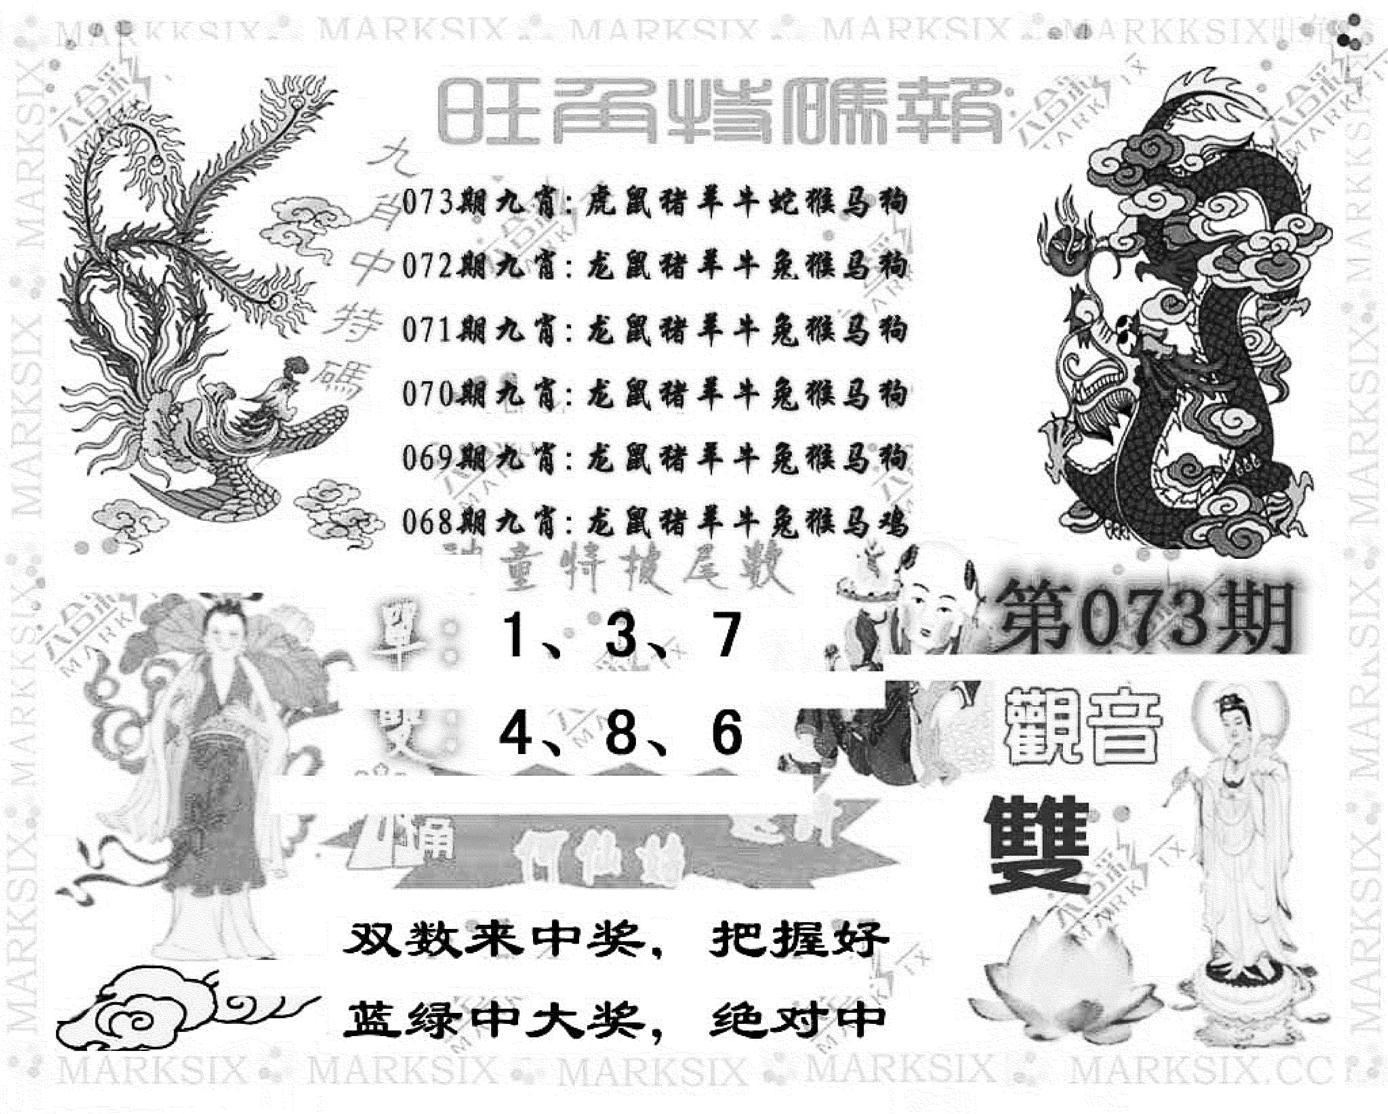 073期旺角特码报(彩)(黑白)